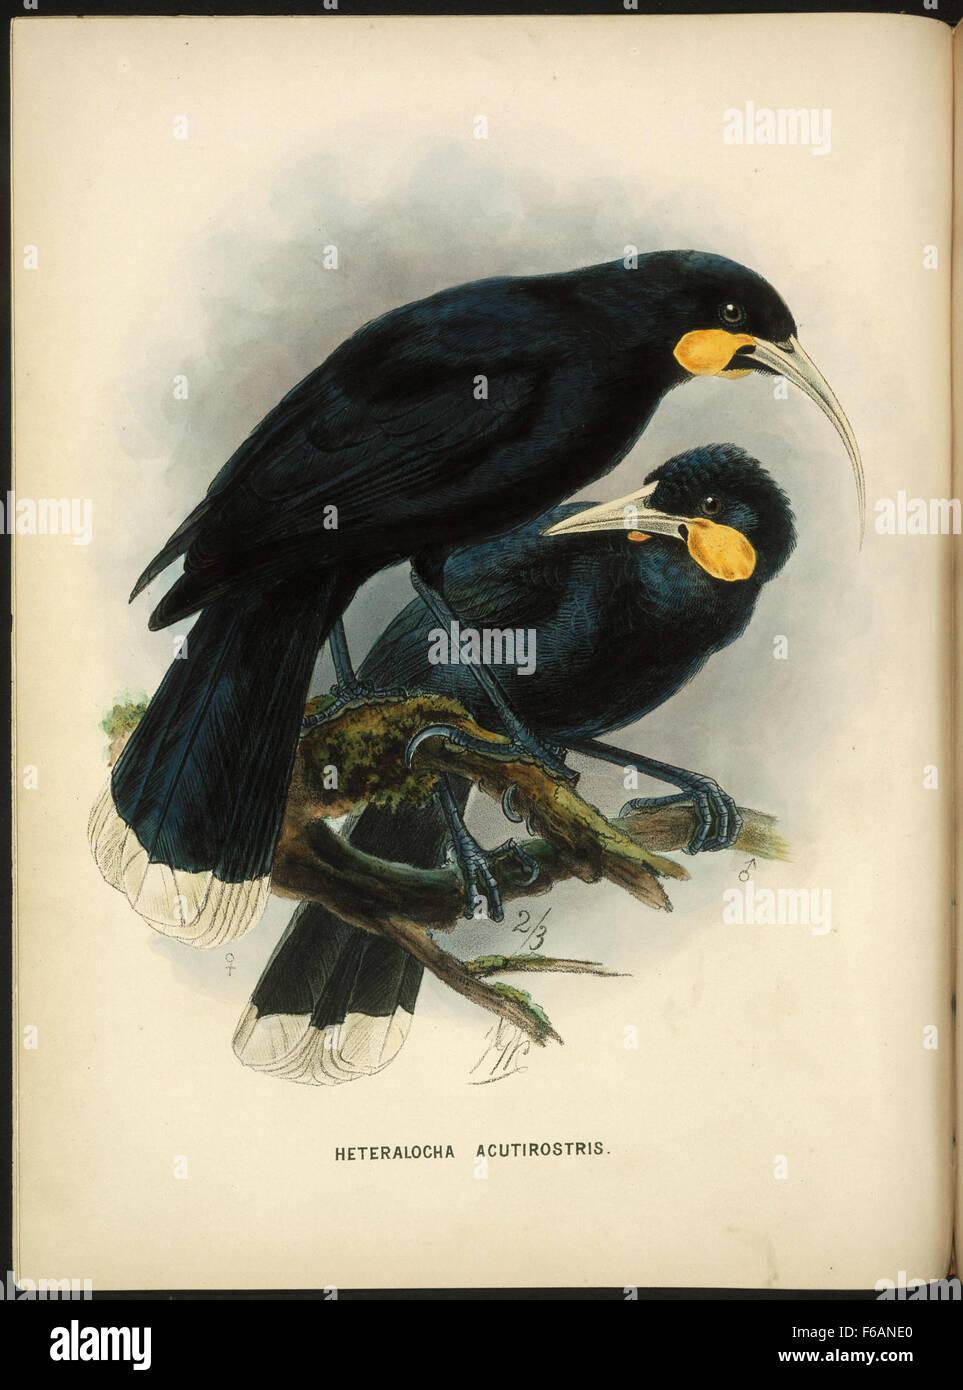 Keulemans, John Gerrard, 1842-1912 Heteralocha acutirostris [Huia Male and female] Stock Photo